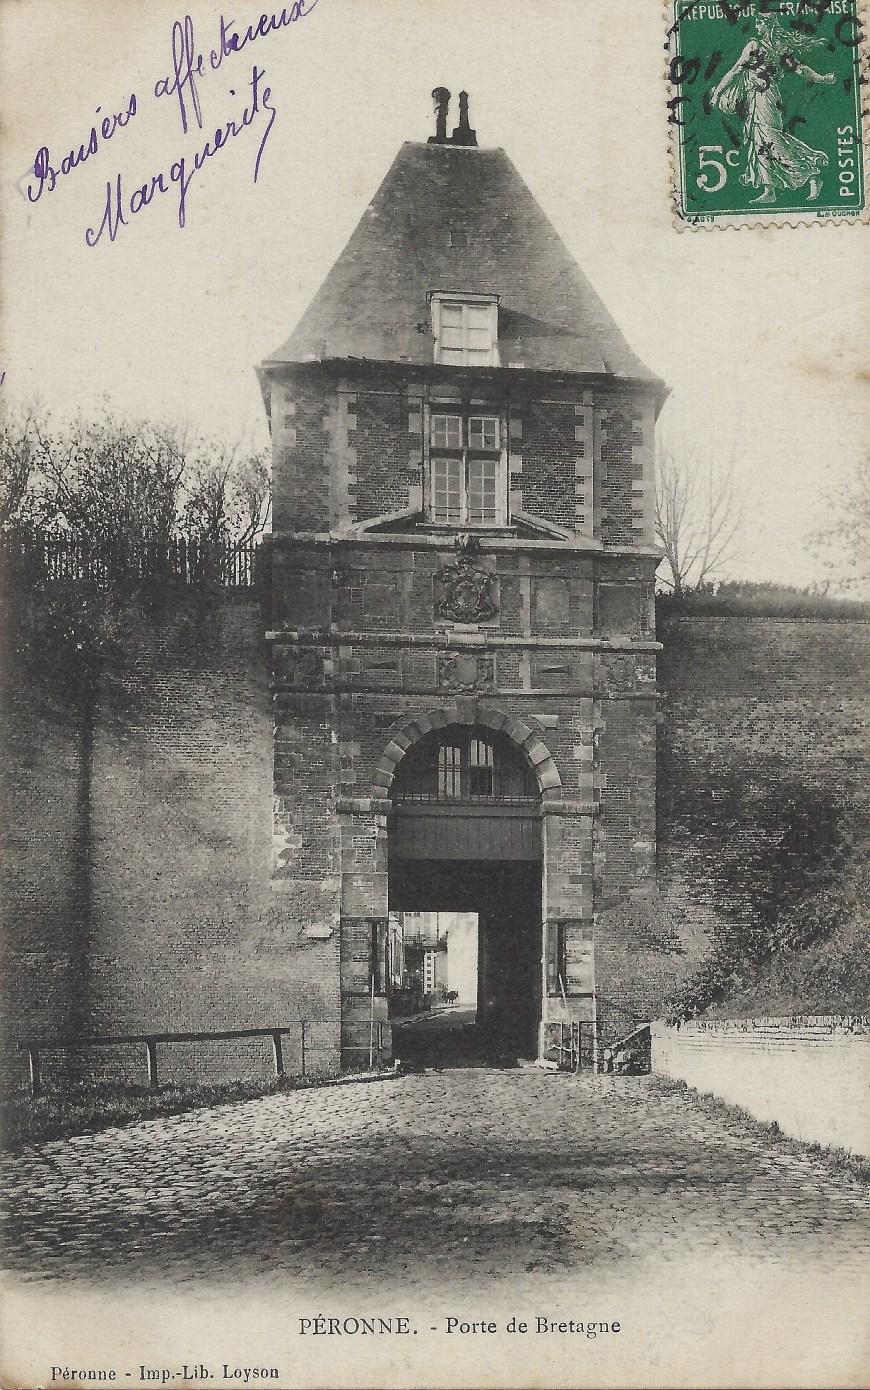 Peronne - Porte de Bretagne